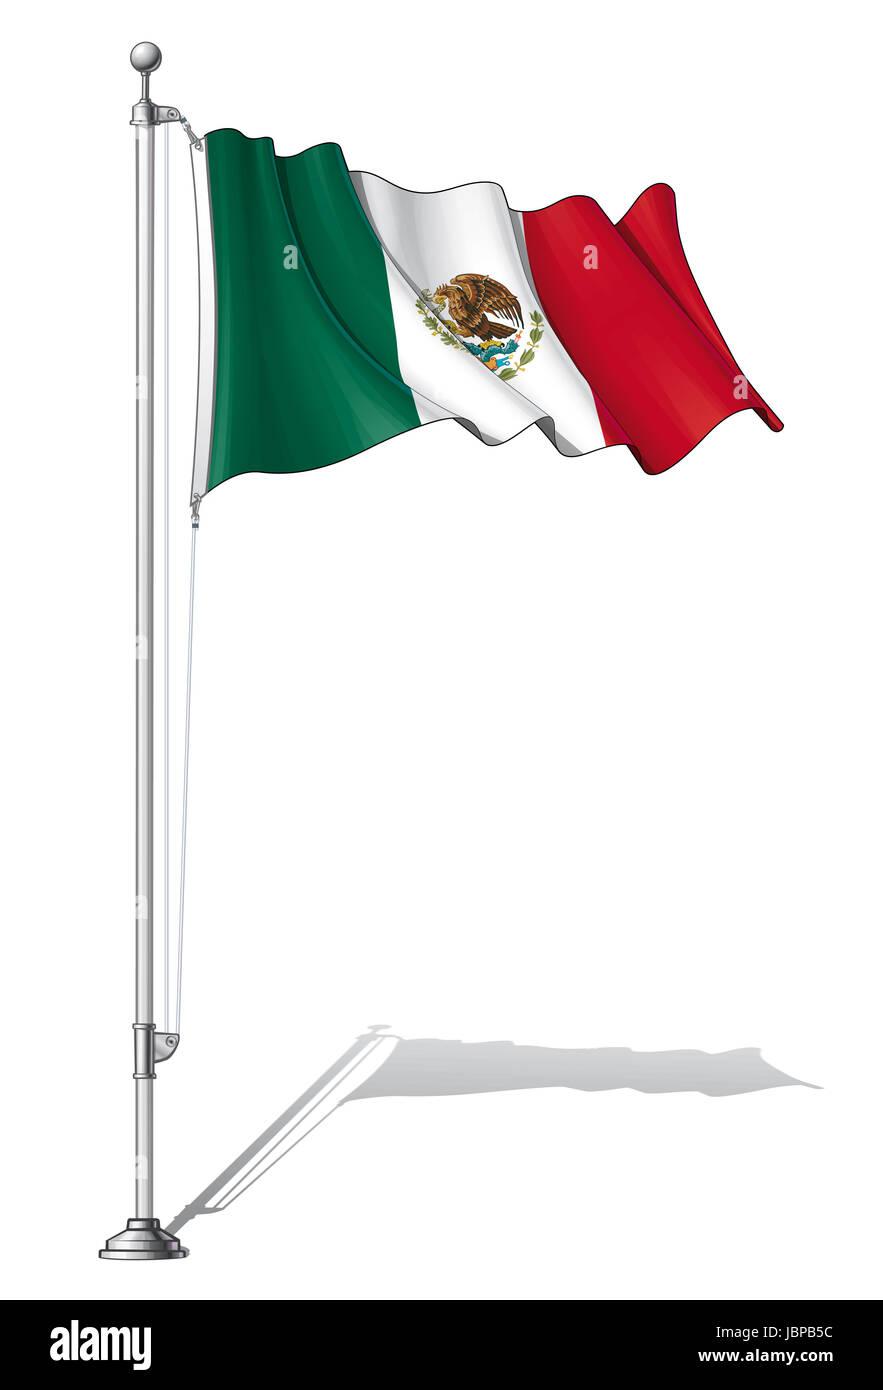 Groß Mexikanische Flagge Färbung Ideen - Malvorlagen-Ideen ...